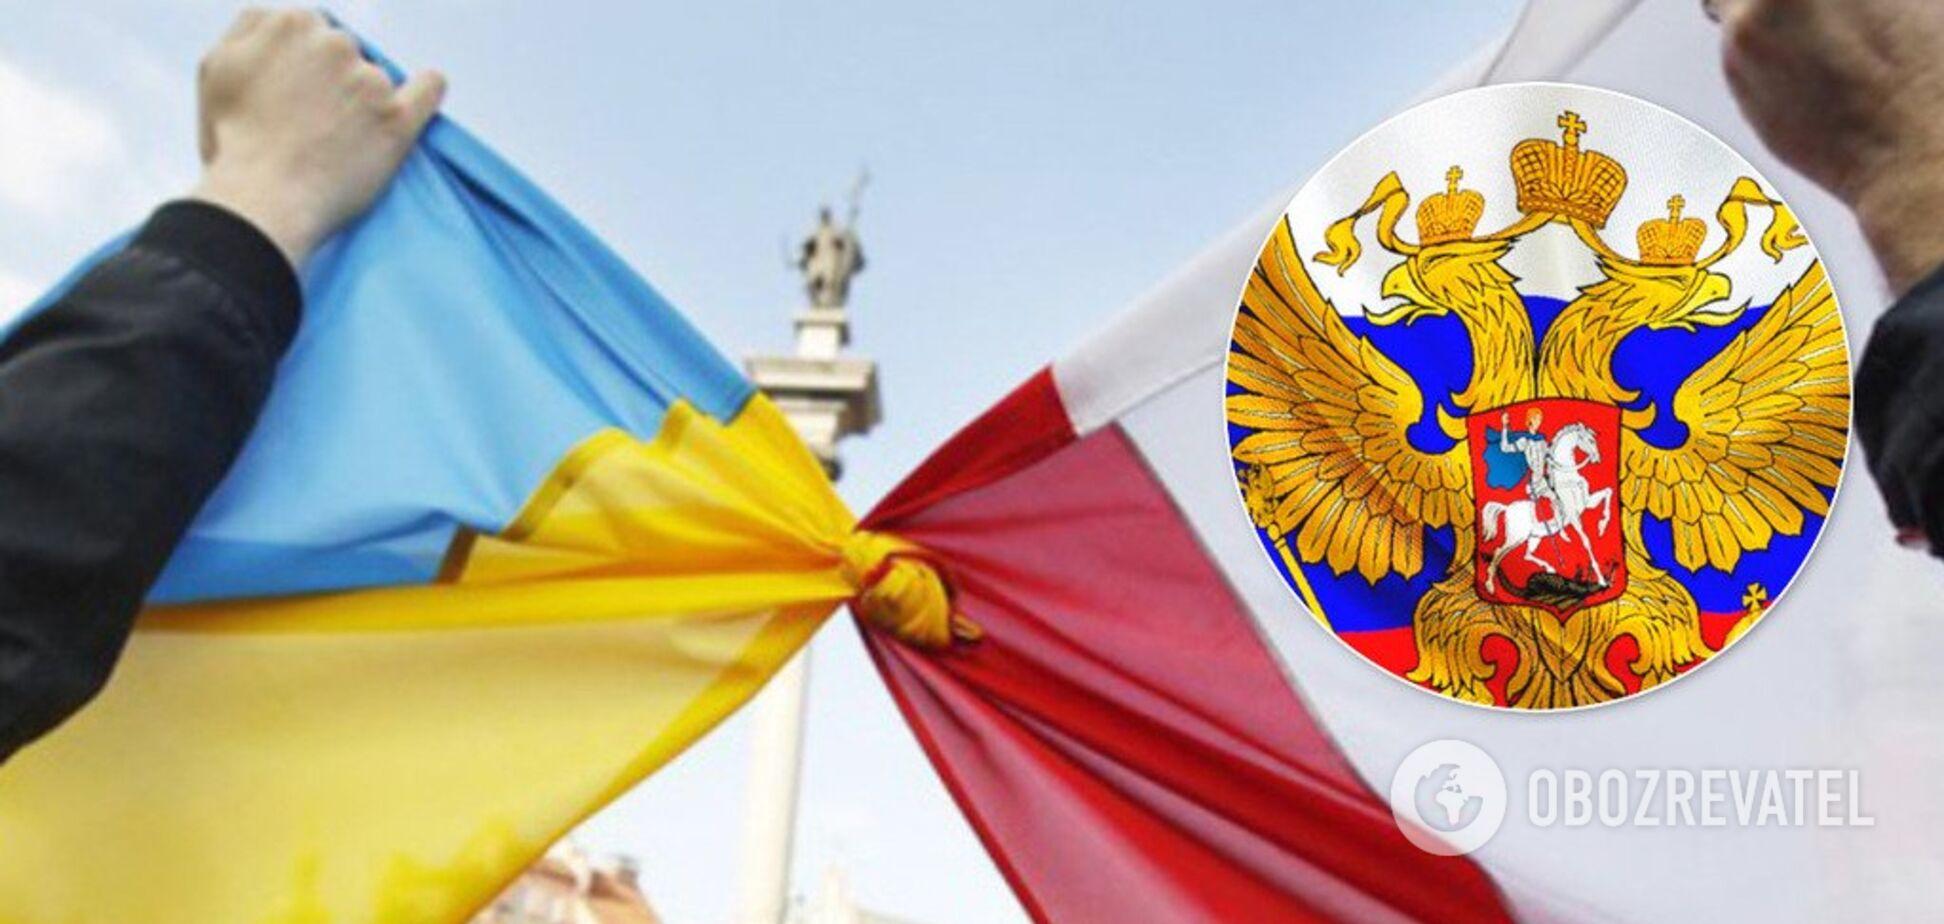 'Польща вимагає компенсацію за Другу світову від України!' У Росії цинічно перевели стрілки